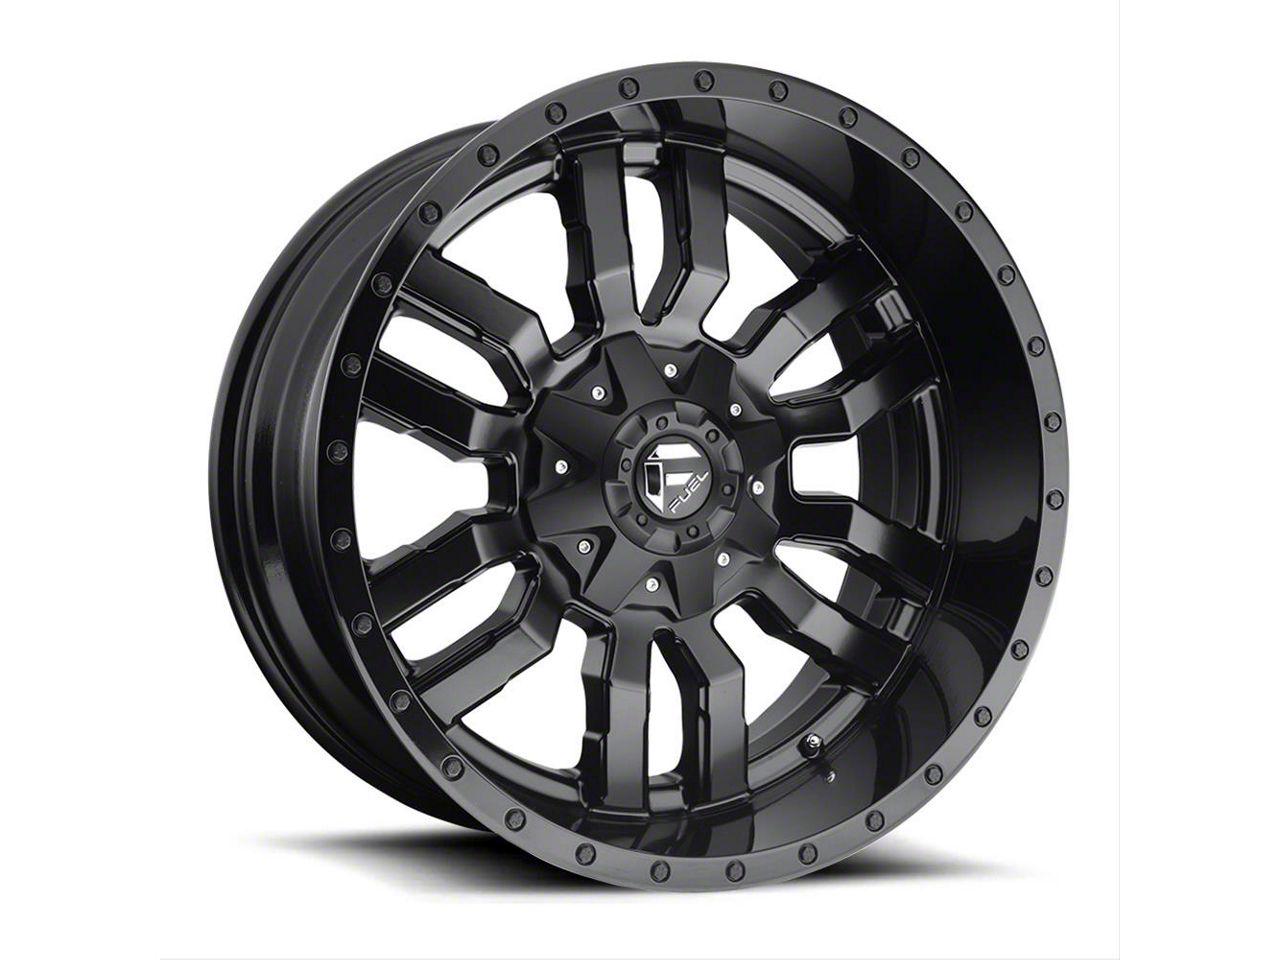 Fuel Wheels Sledge Gloss & Matte Black 6-Lug Wheel - 20x12 (99-18 Silverado 1500)